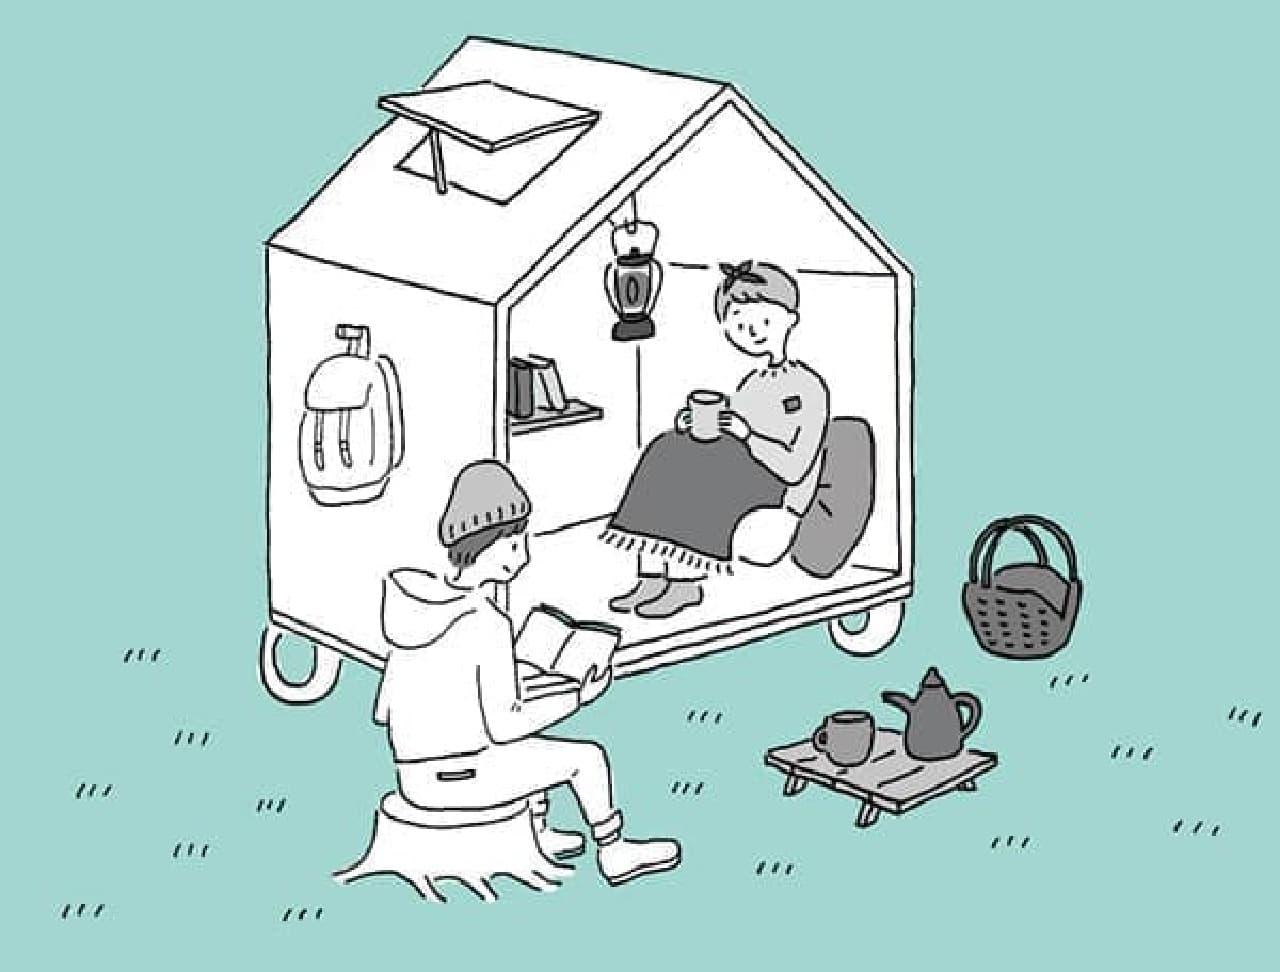 「一畳ハウス」完成予想スケッチ  実物を見てみたいぞ!